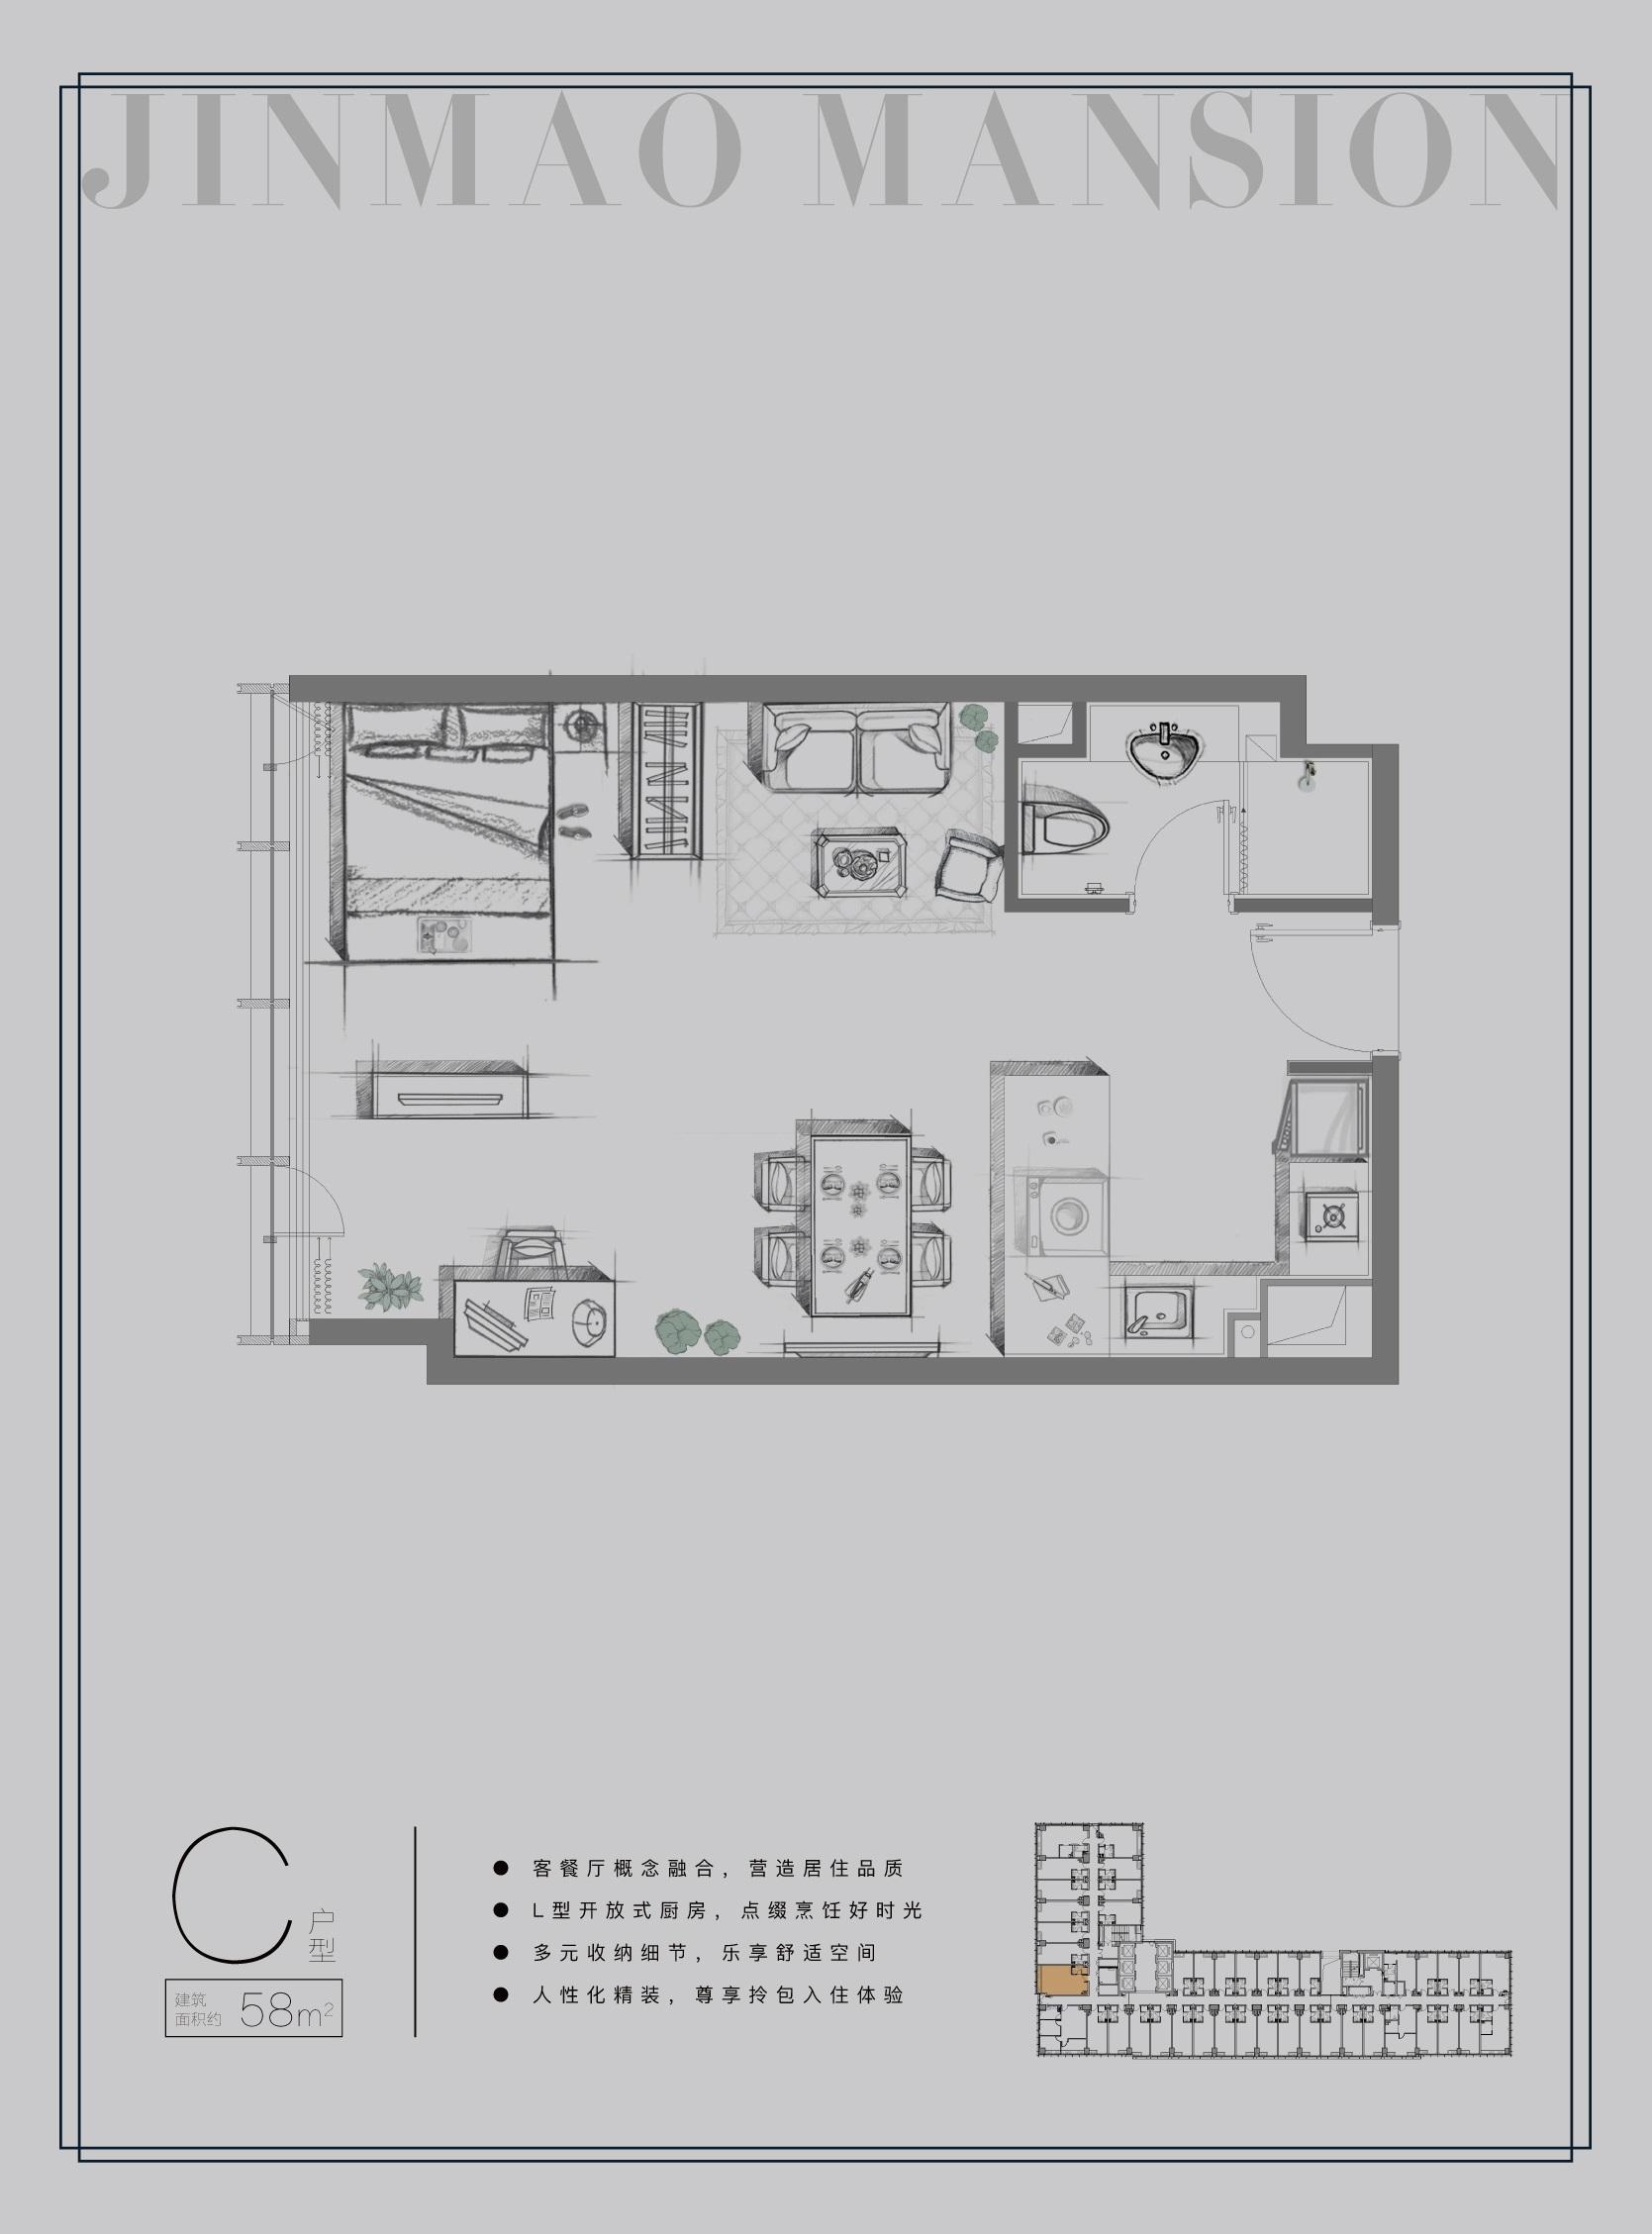 领寓A5(扬子江金茂悦)58㎡C户型